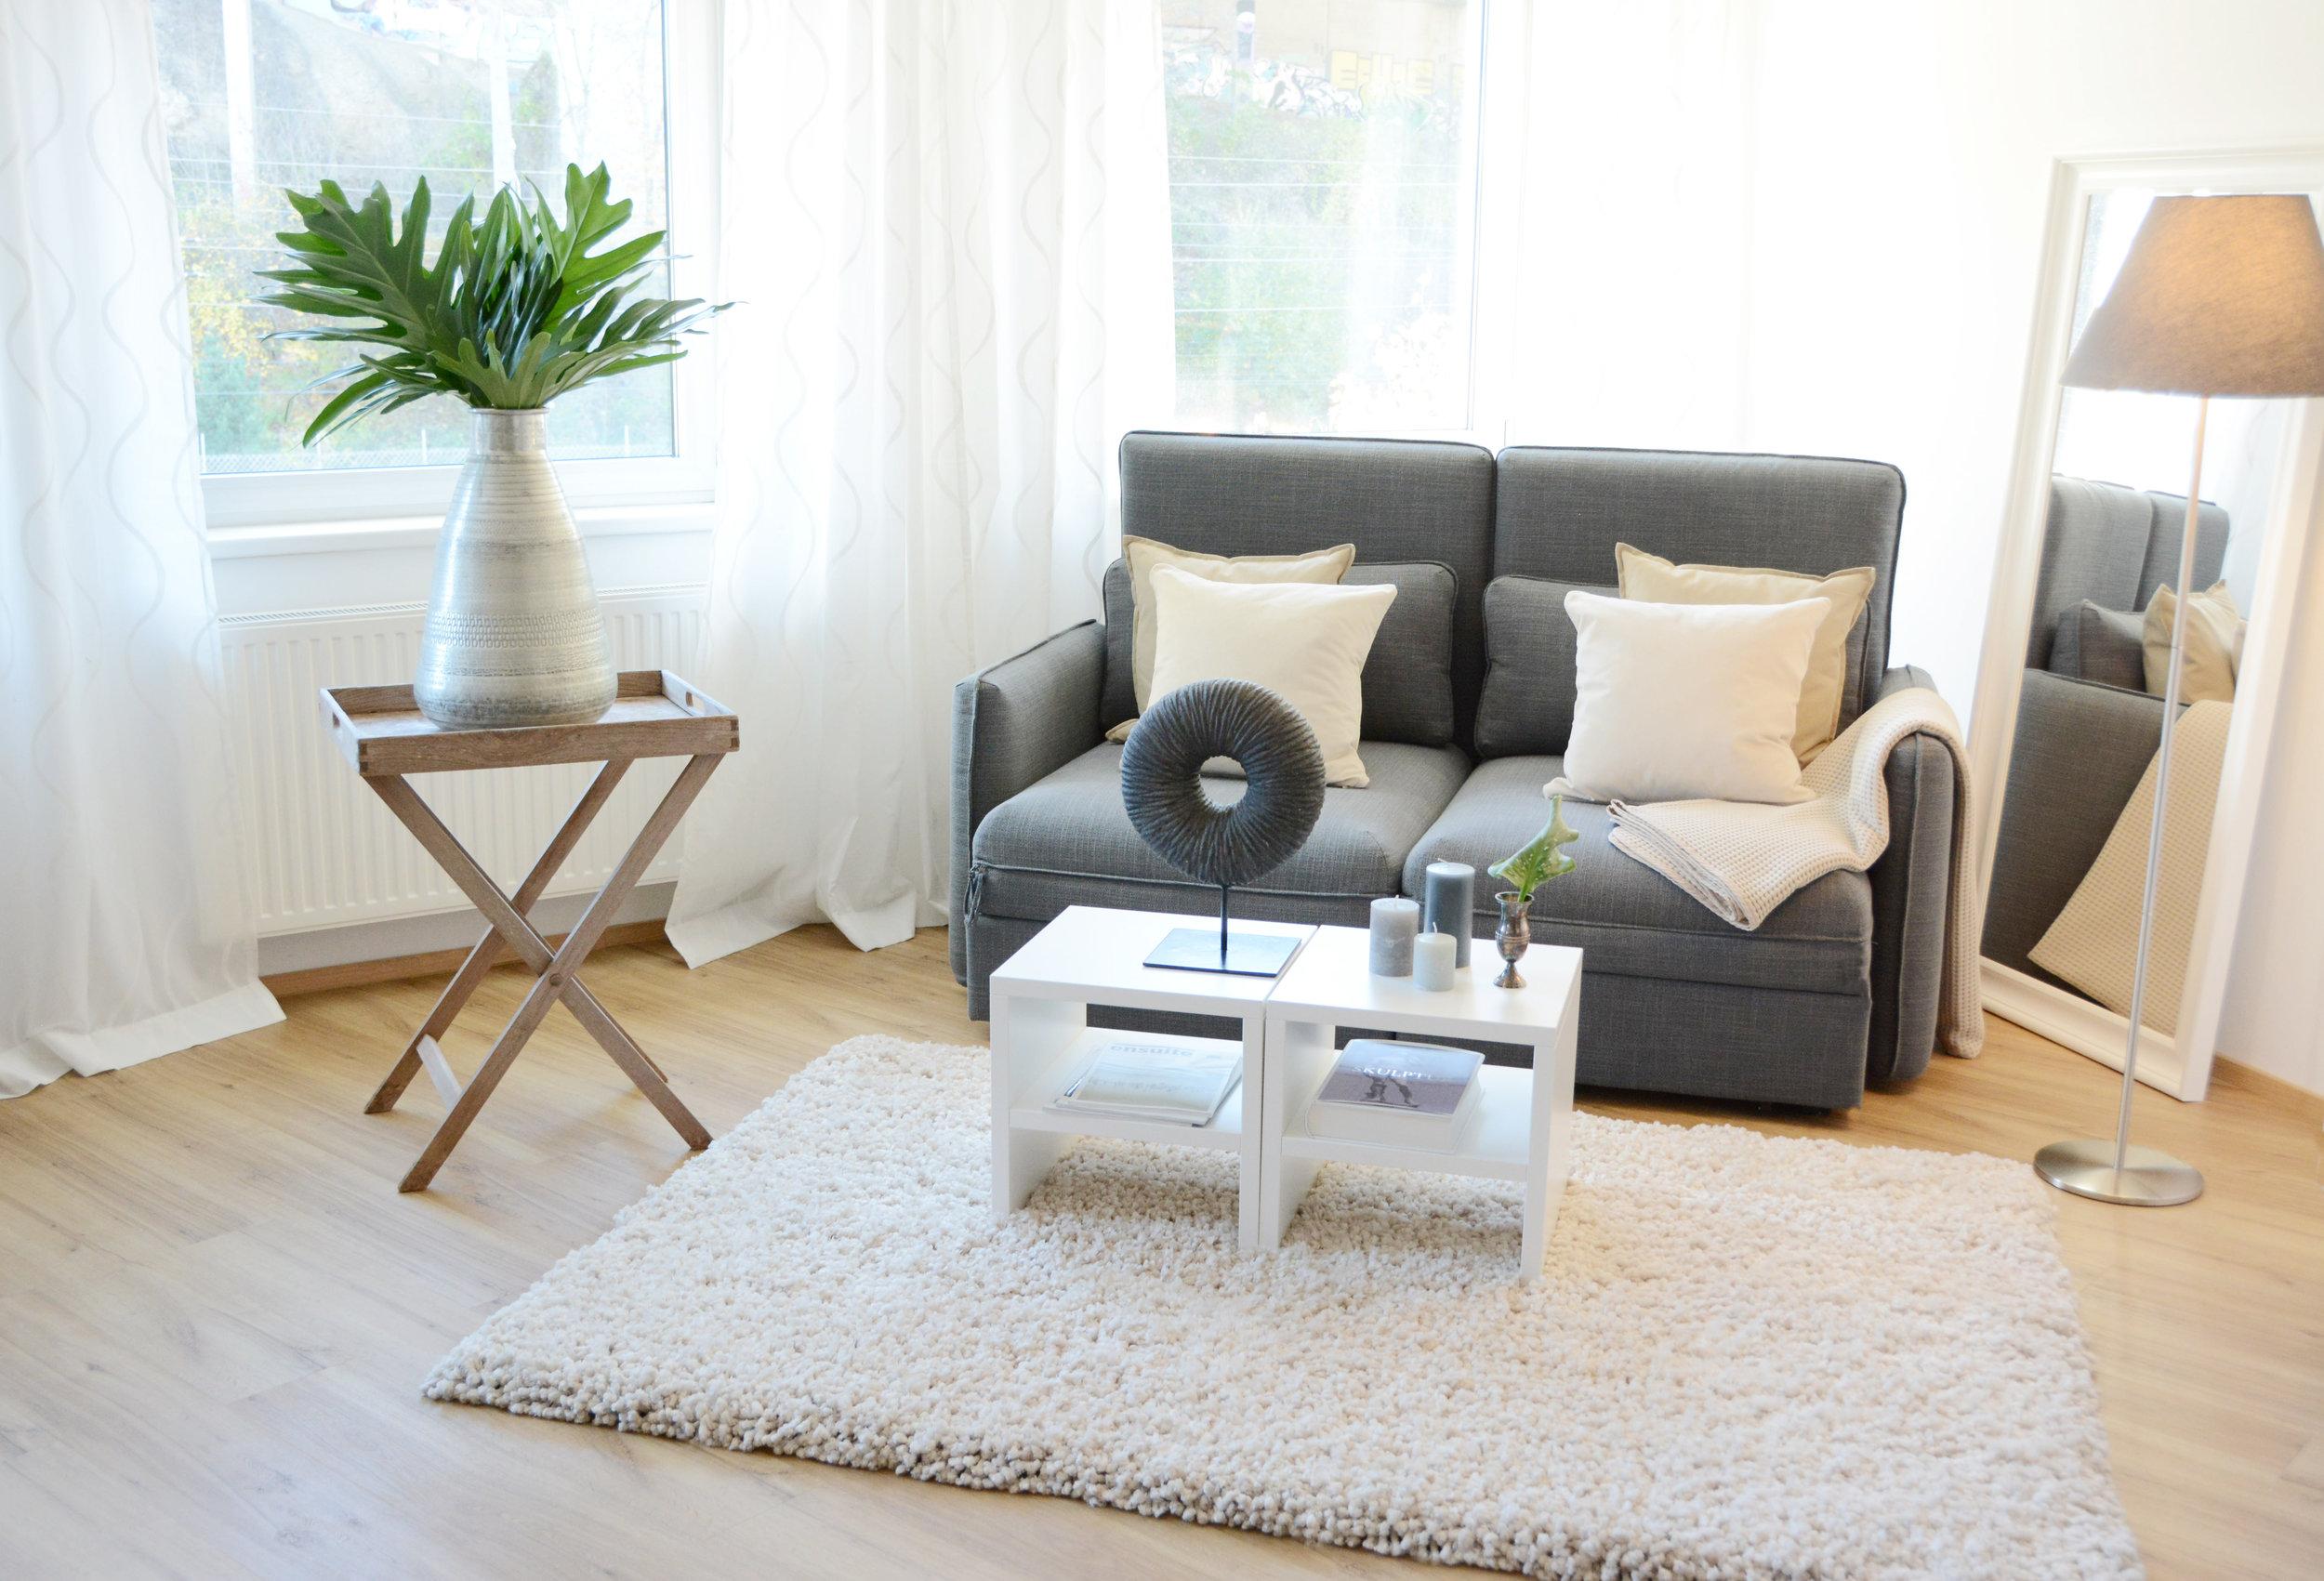 Wohnzimmer_NACHHER_nK.jpg